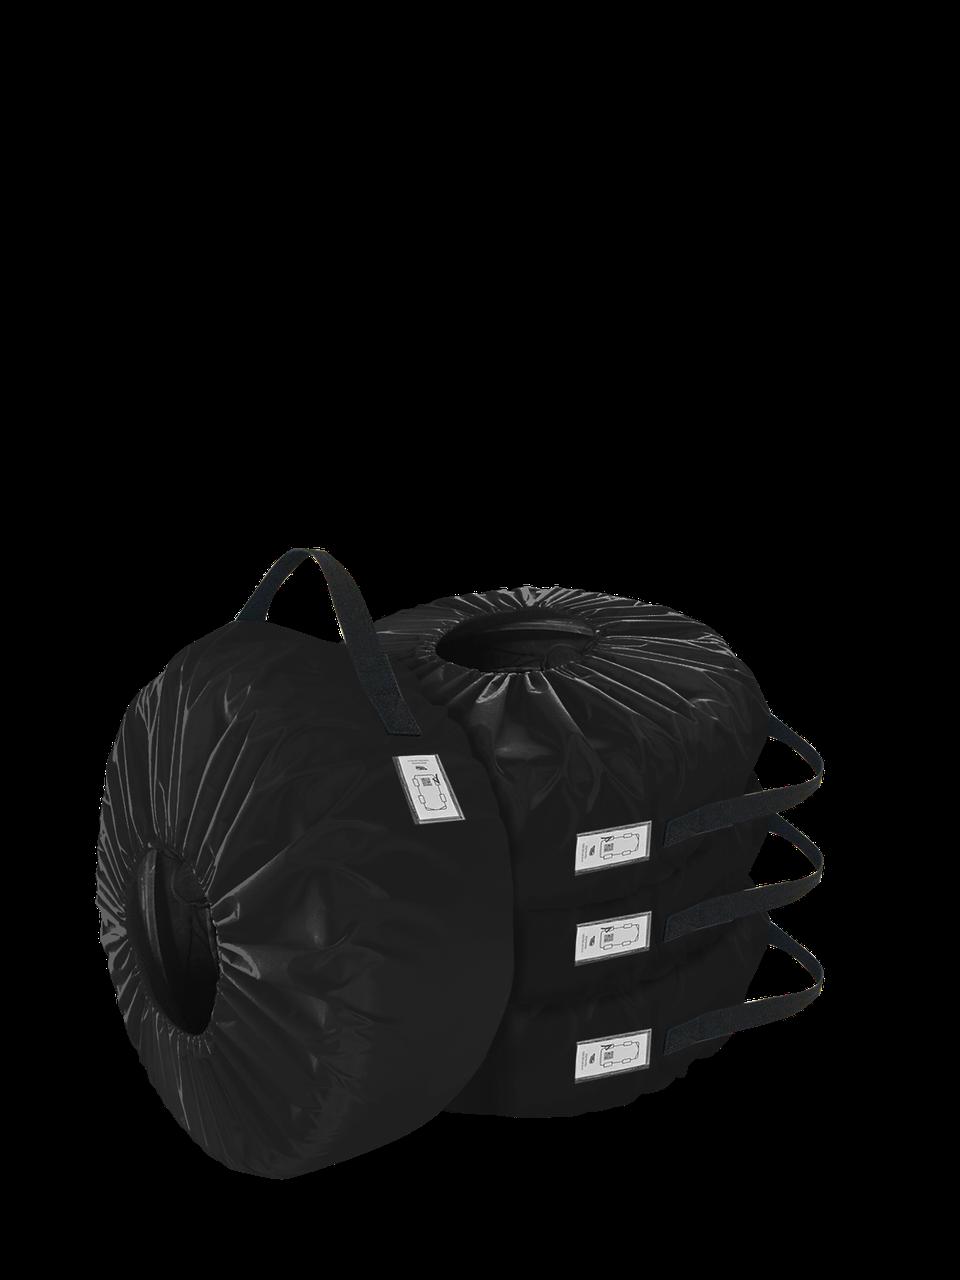 Комплект чохлів для коліс Coverbag Eco XXL чорний 4шт.